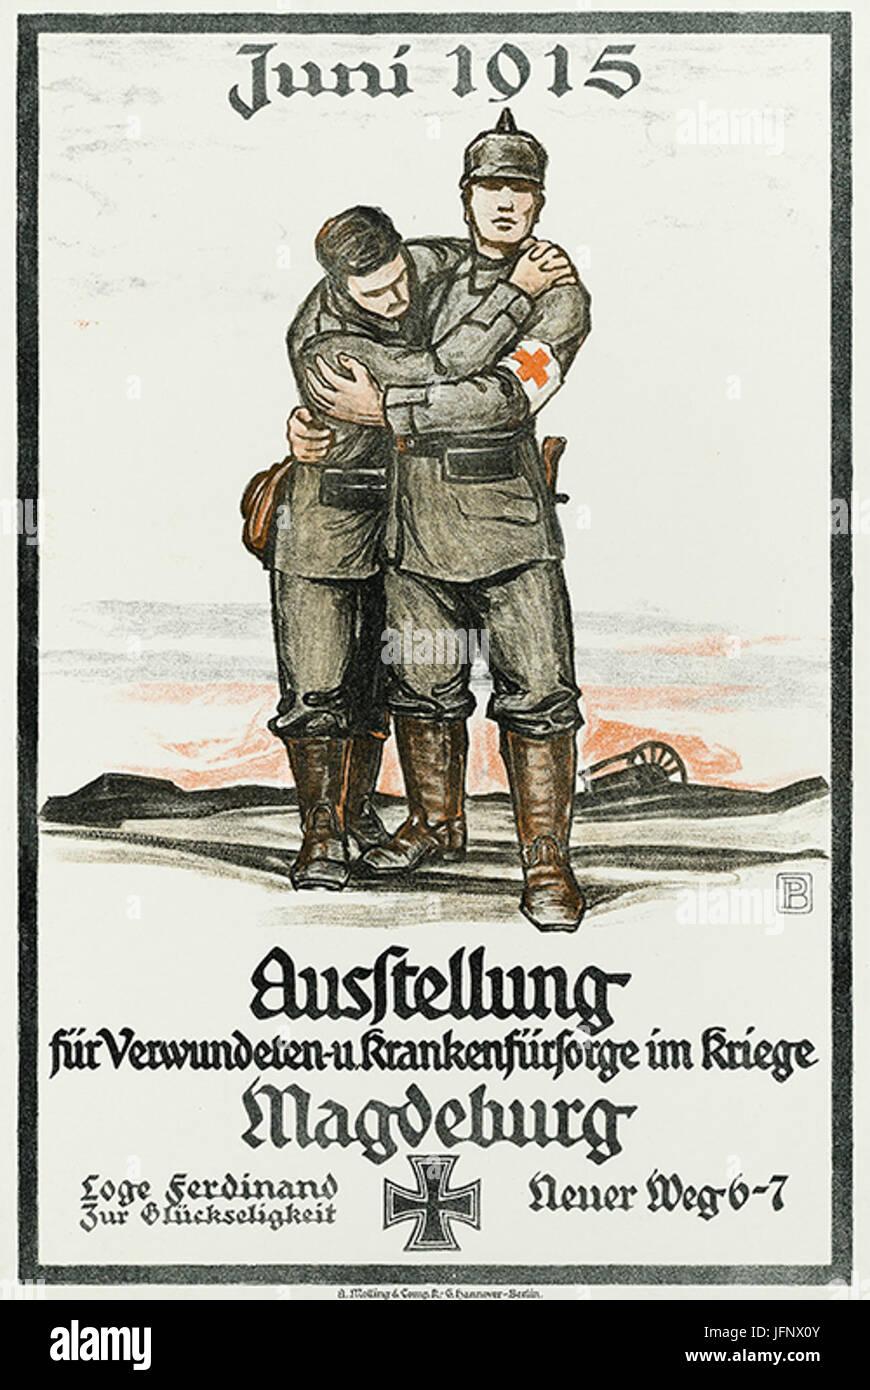 1915-06 Ausstellung Verwundeten- und Krankenfürsorge Erster Weltkrieg Magdeburg Freimaurerloge Ferdinand zur Glückseligkeit Stock Photo